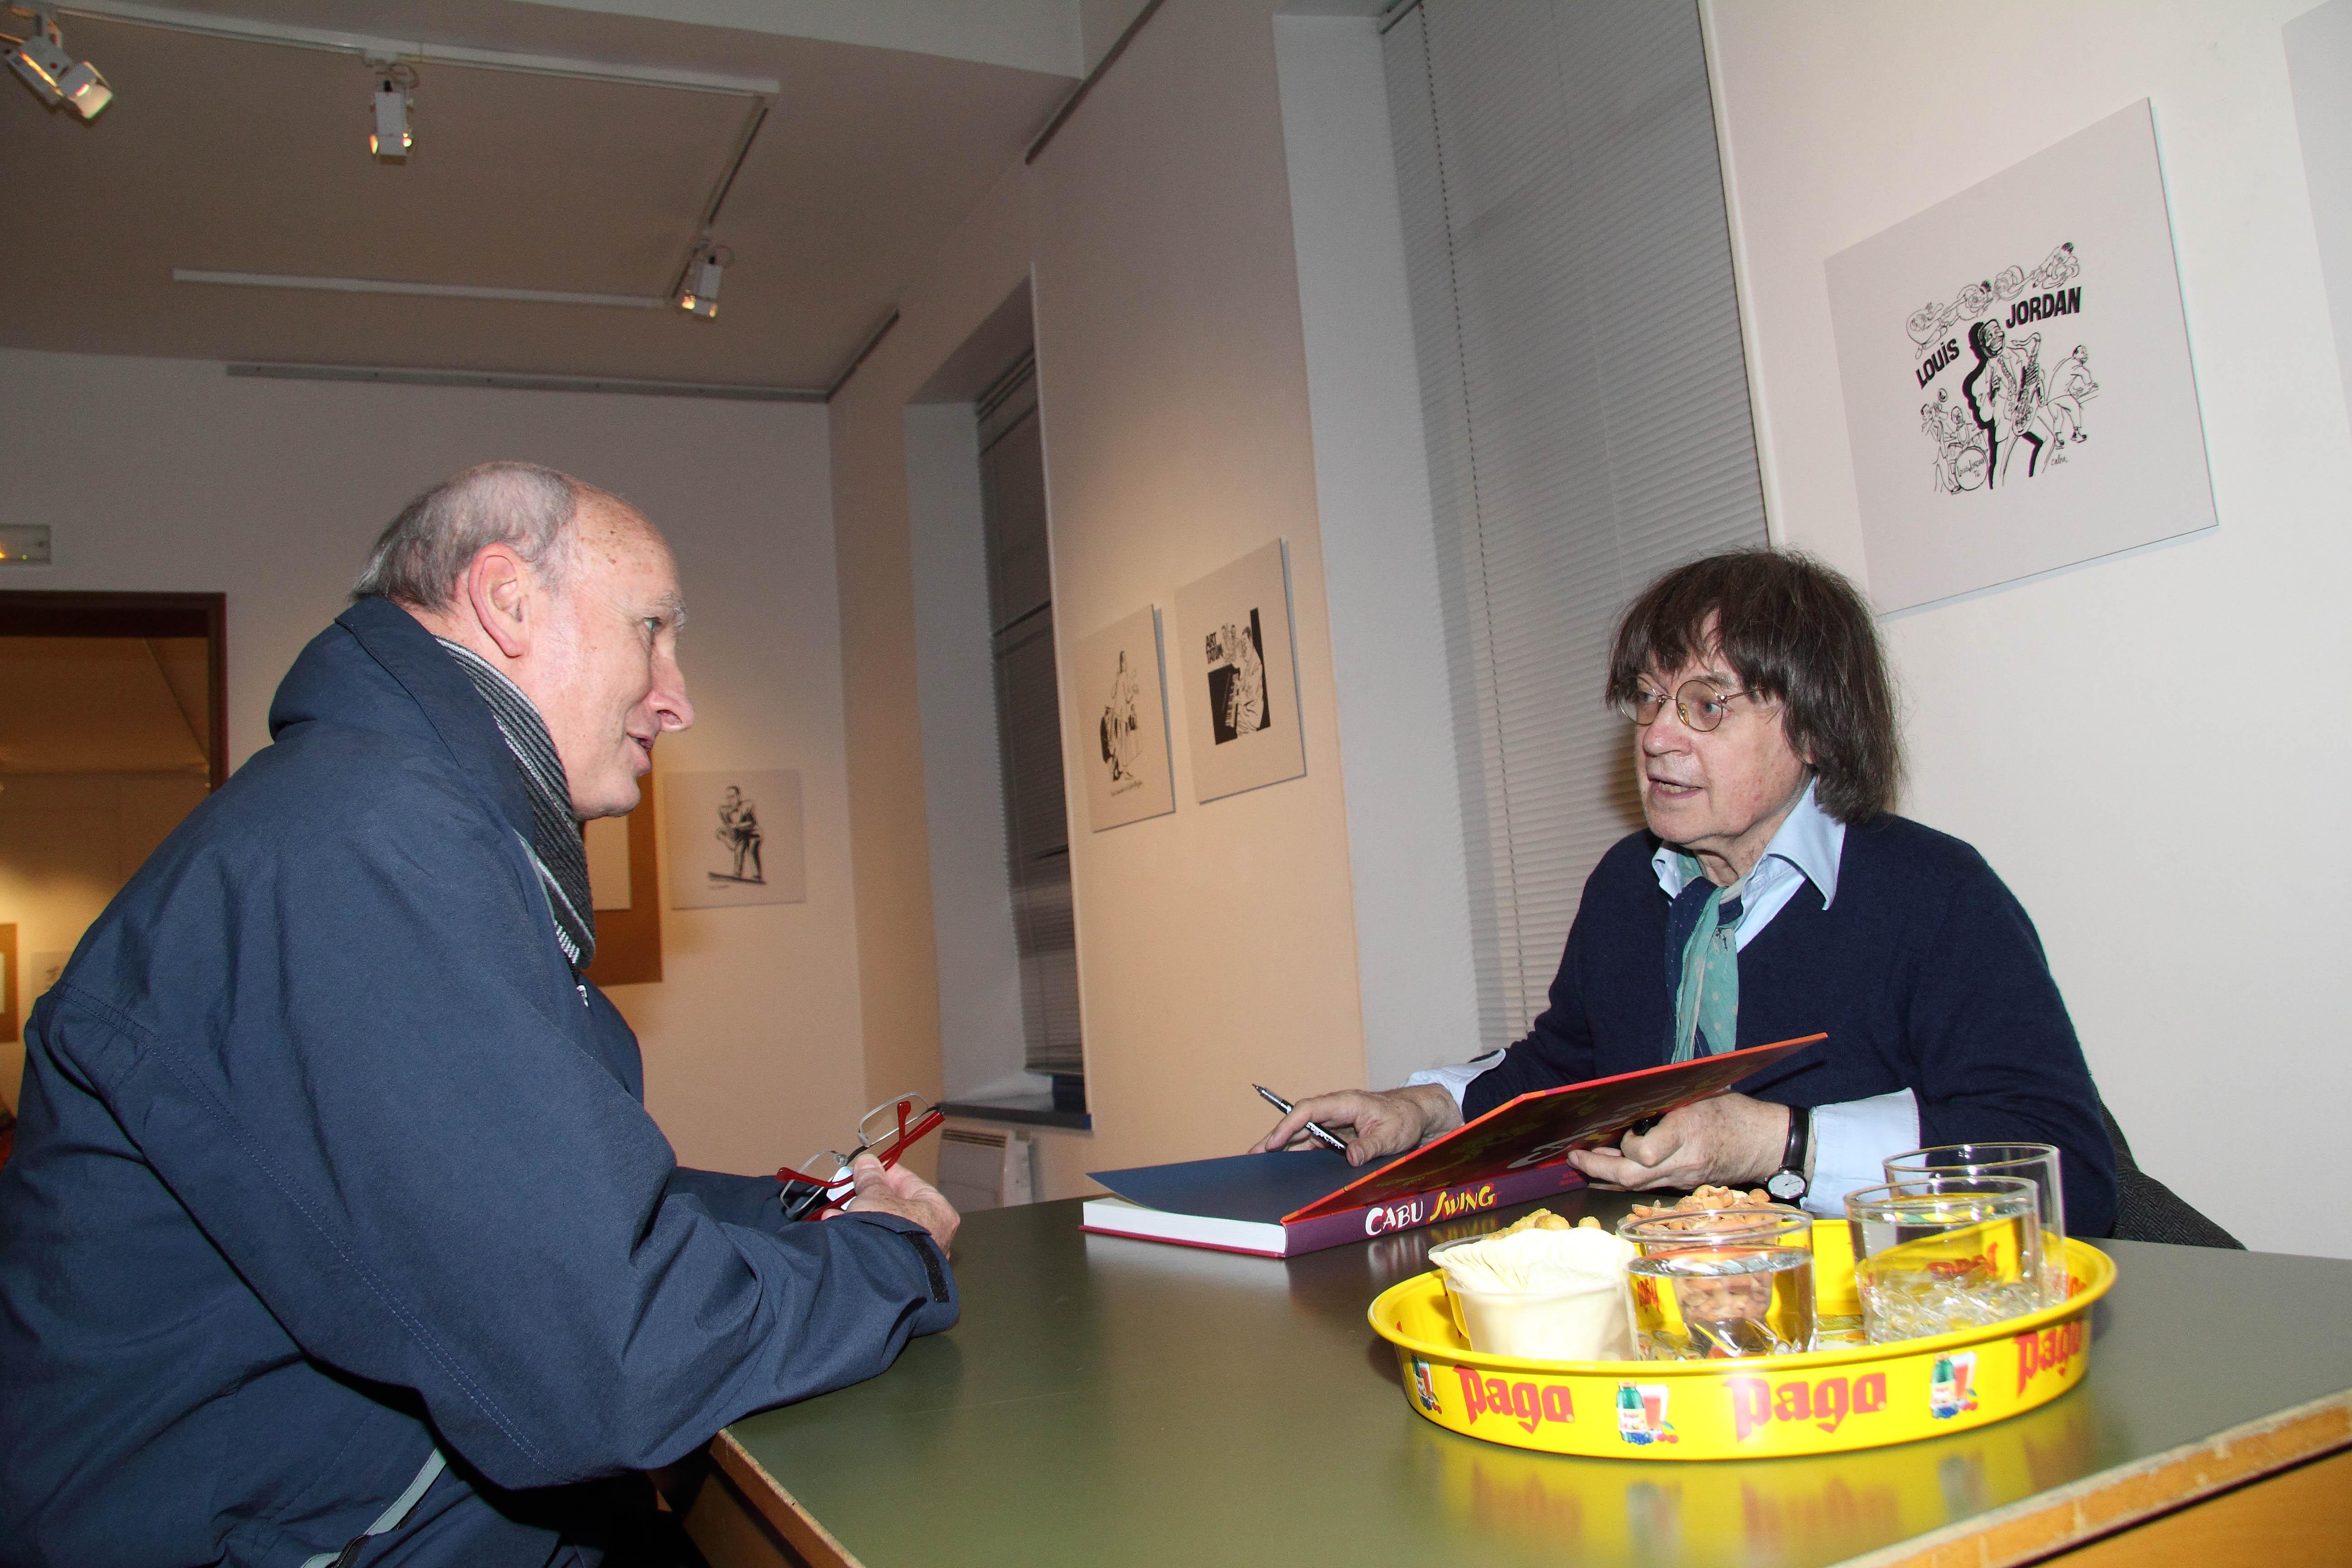 (Rosny sur seine) Exposition Cabu à l'Hospice St Charles - Cabu face à un lecteur